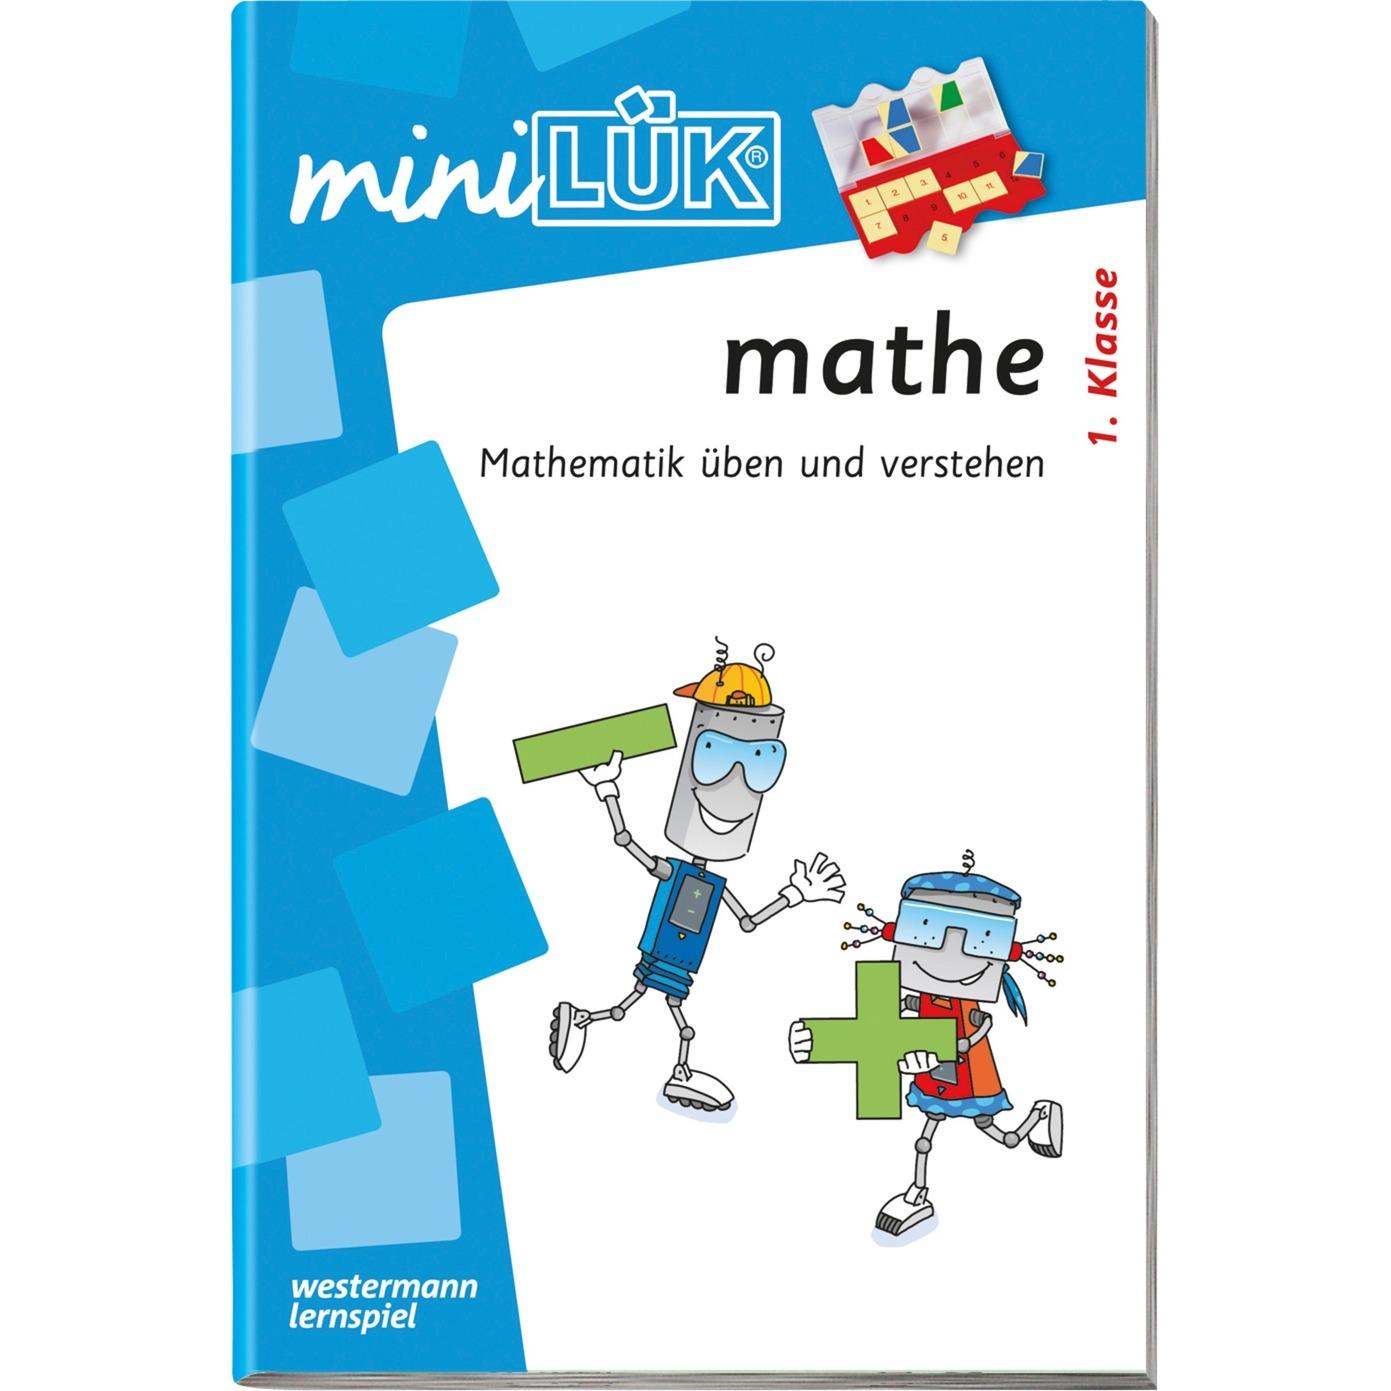 miniluek-mathe-1klasse-mathematik-ueben-und-verstehen-bornebog-bog-til-indlaring-skolebog